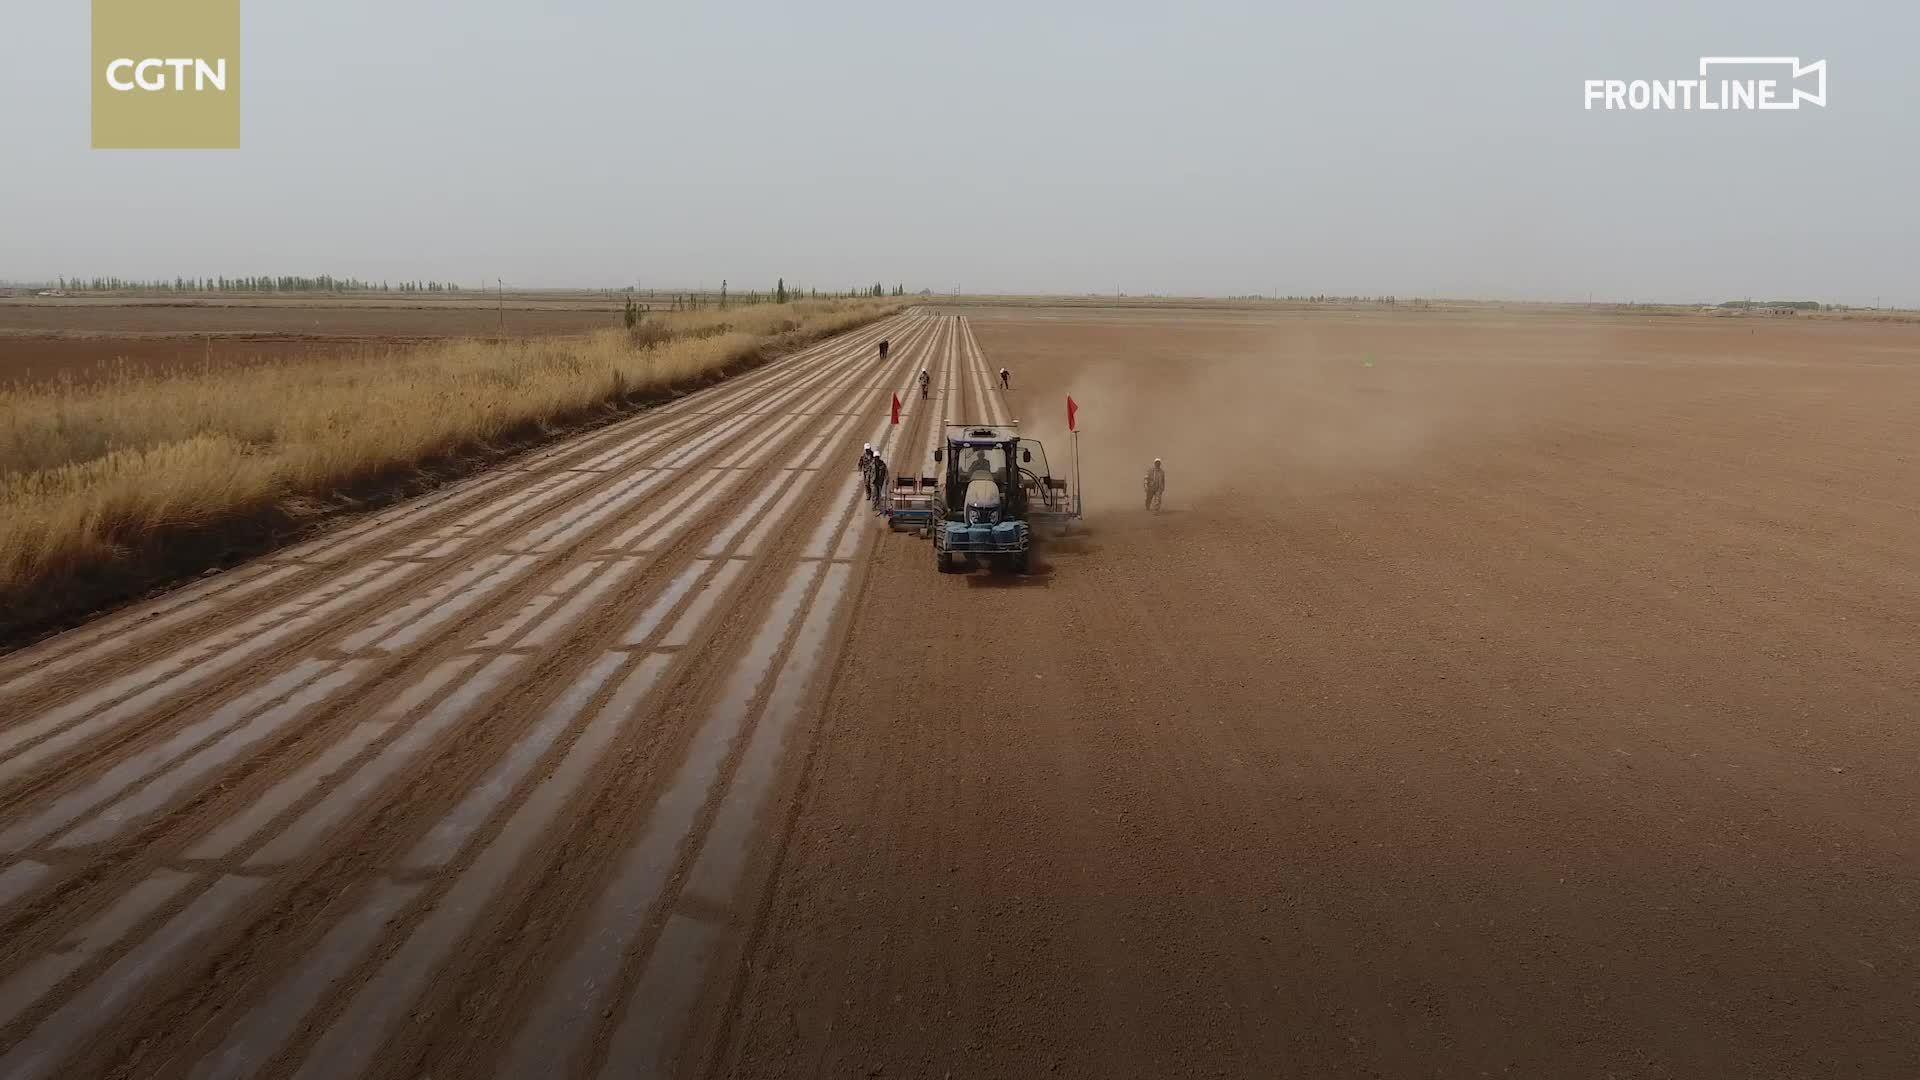 雄起~北斗 卫星导航系统助力新疆农业